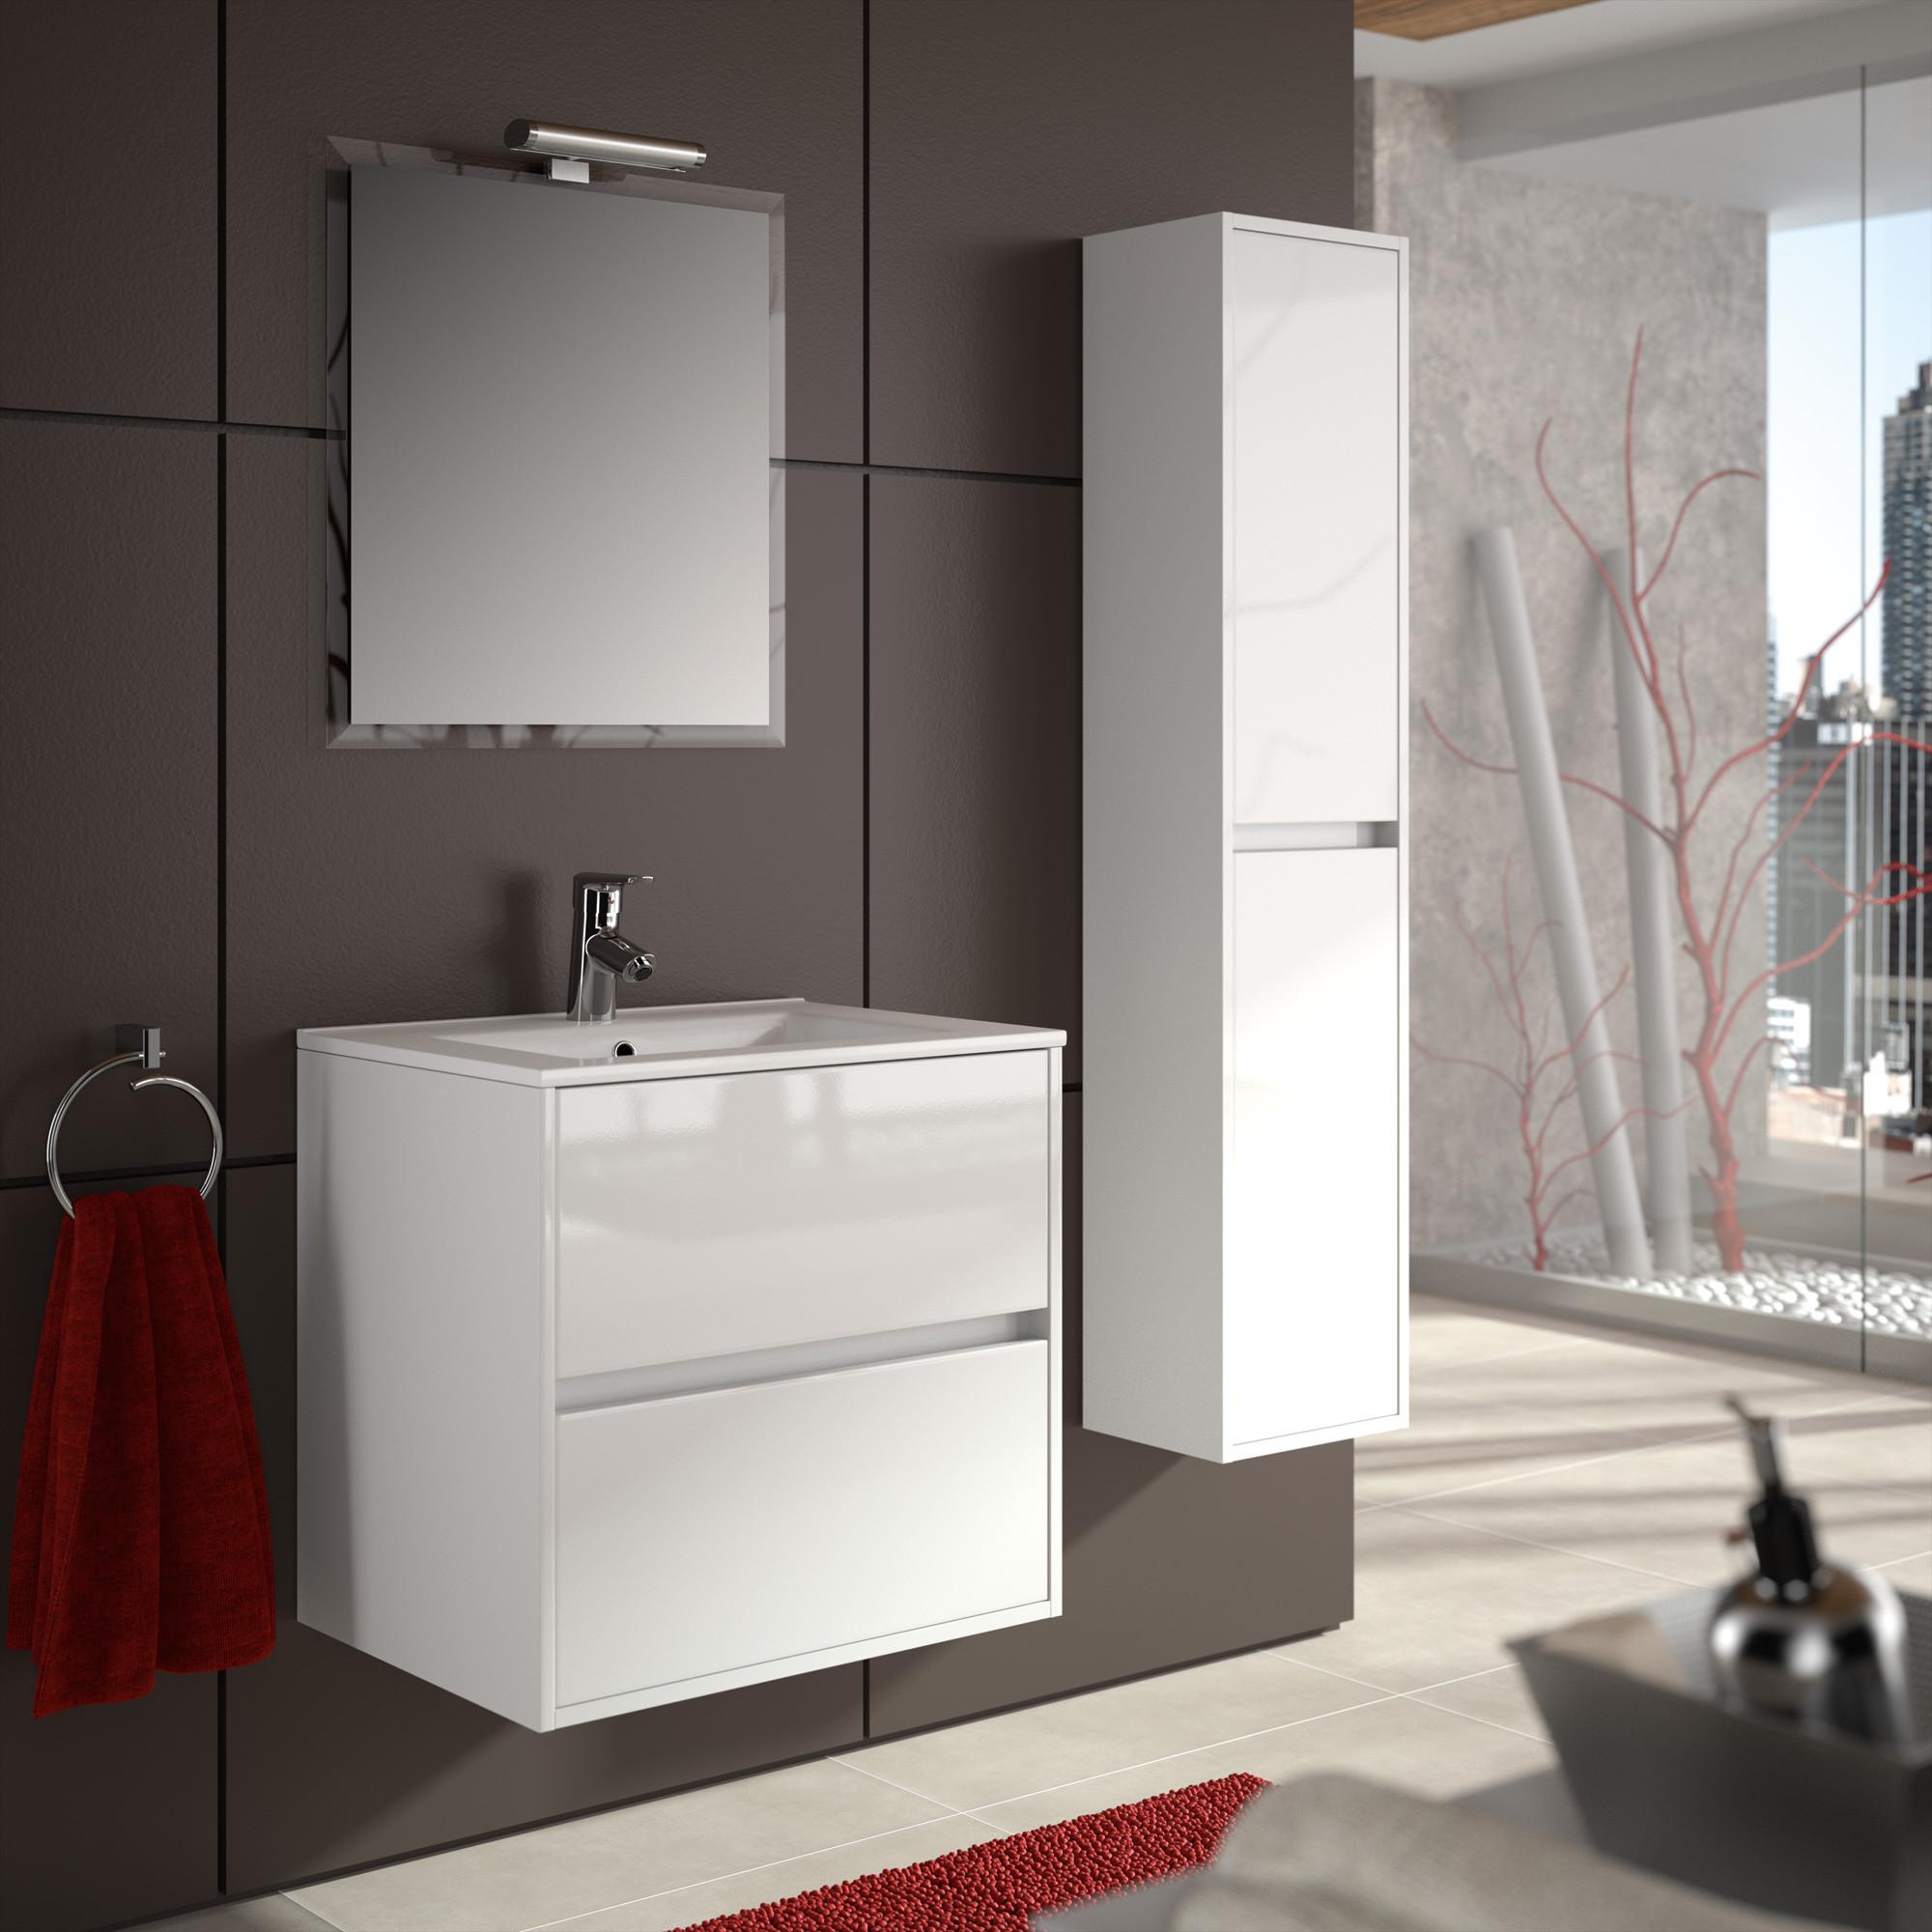 Meuble salle de bain bois blanc - Meuble salle bain blanc ...